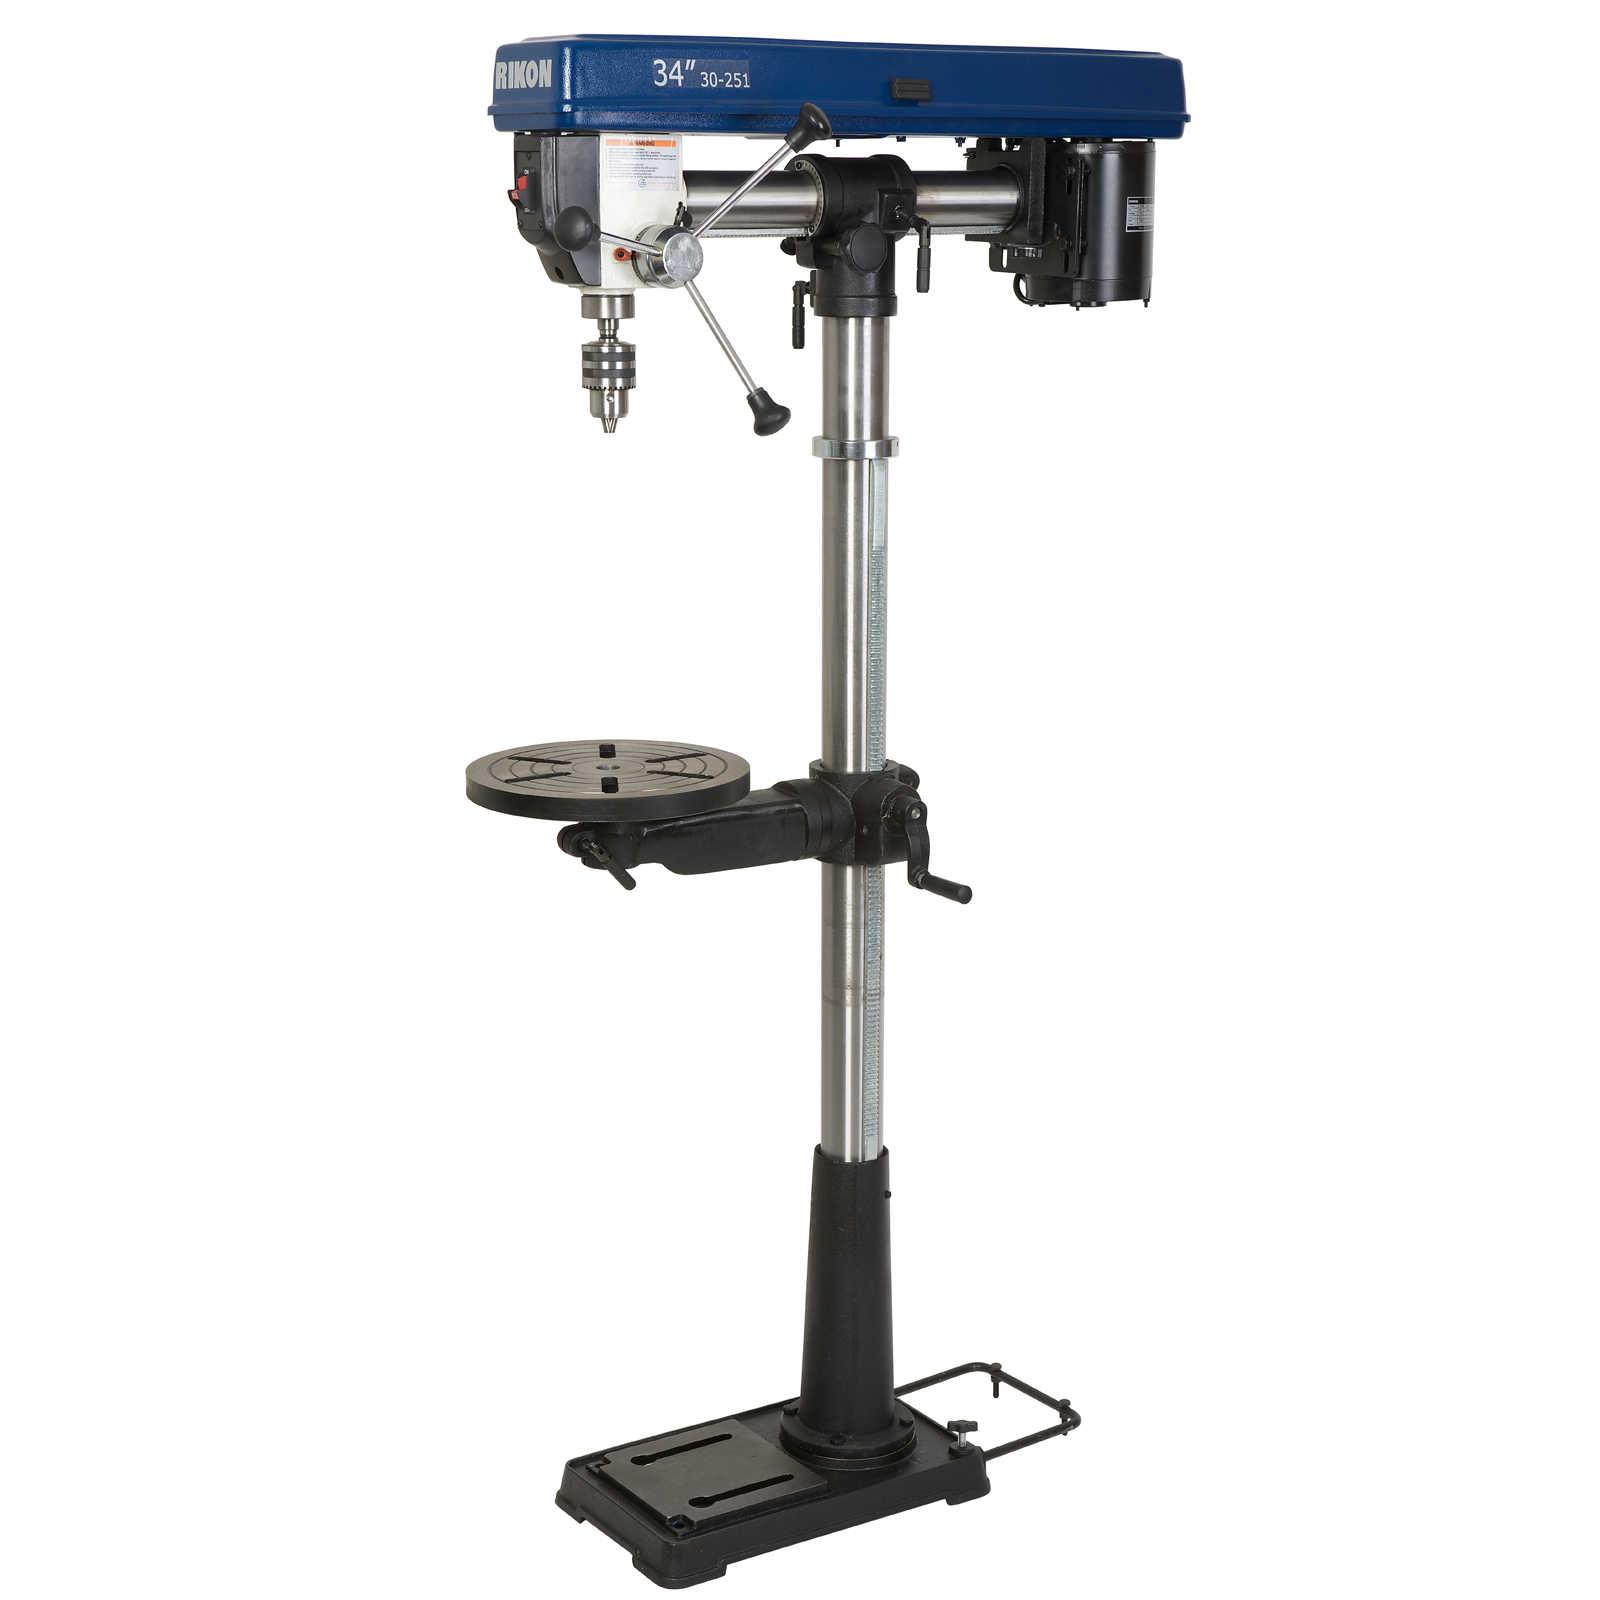 Rikon 34in 13HP Radial Floor Model Drill Press from